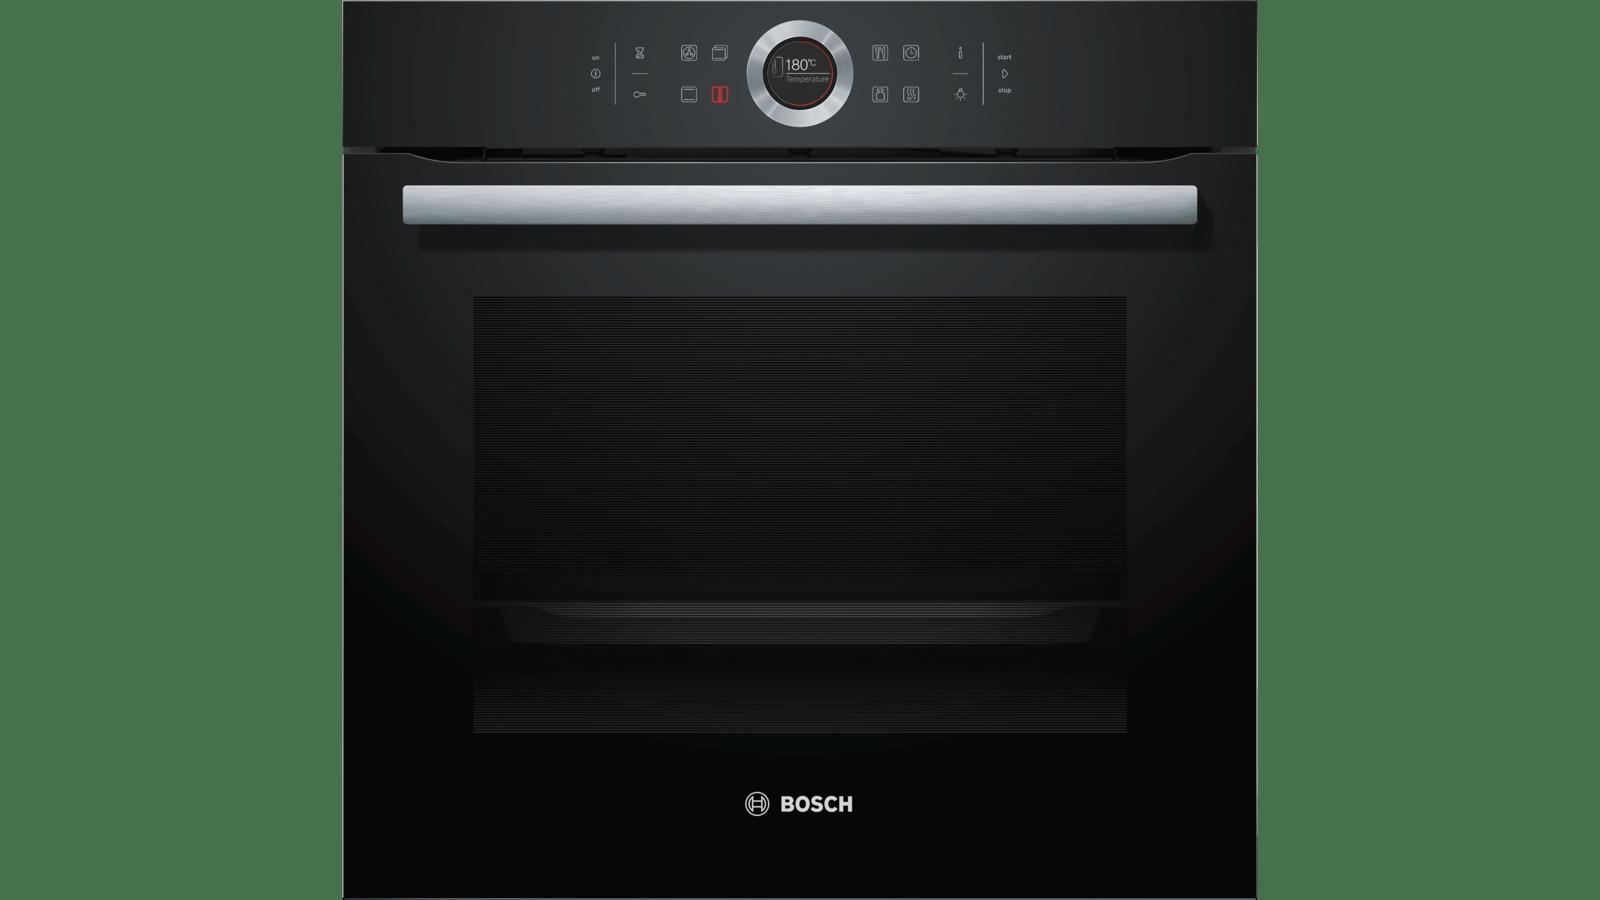 bosch hbg635bb1 built in oven